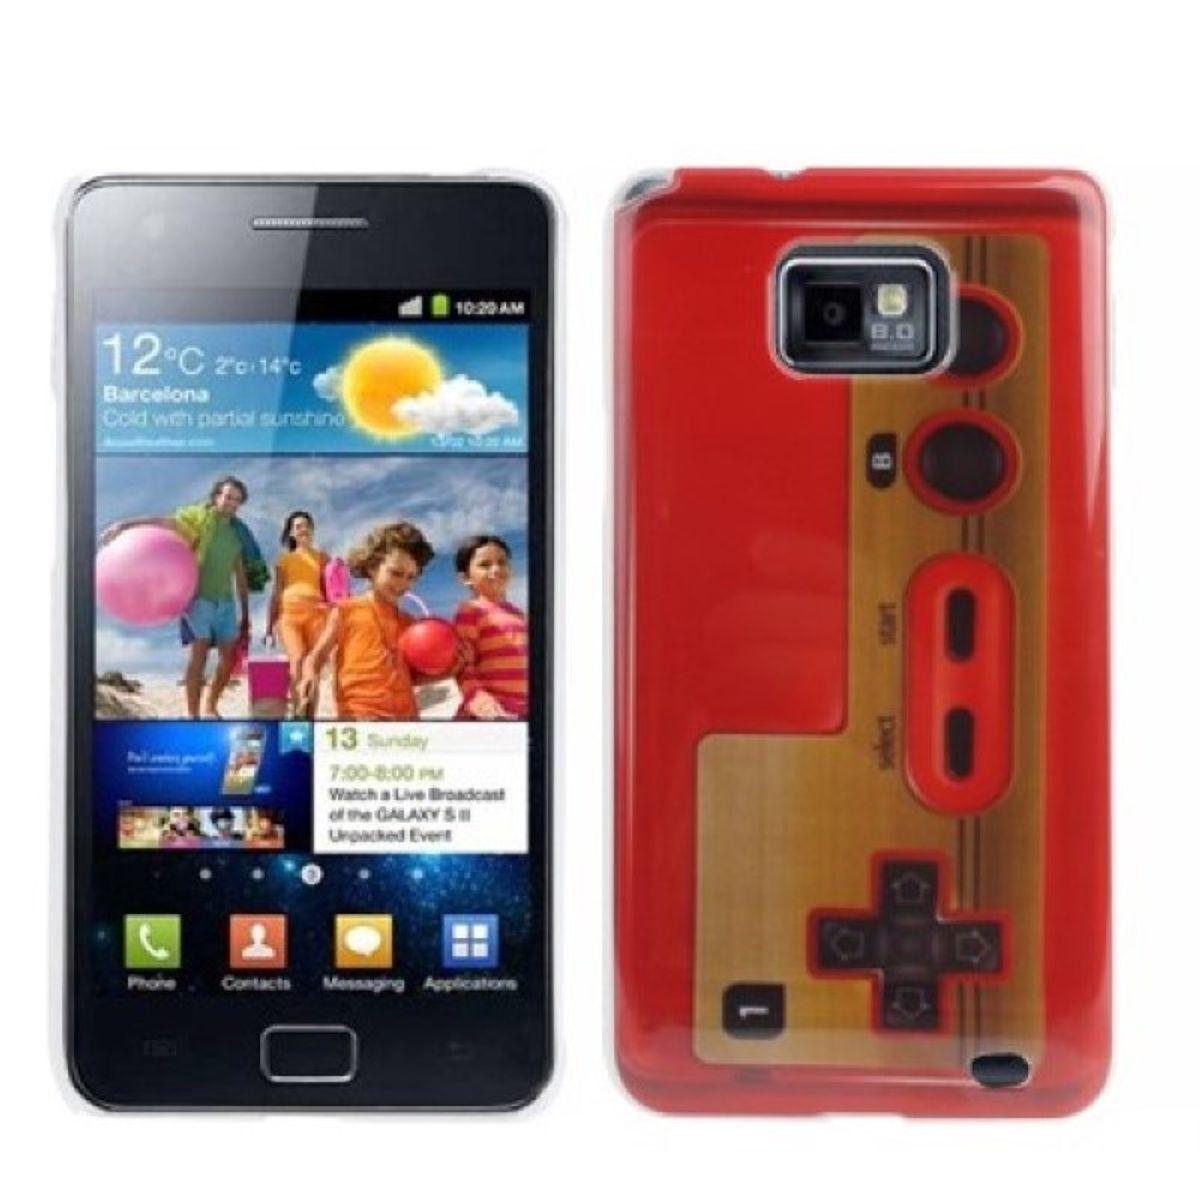 Schutzhülle Hard Case Joystick Style für Handy Samsung Galaxy S2 i9100 Retro